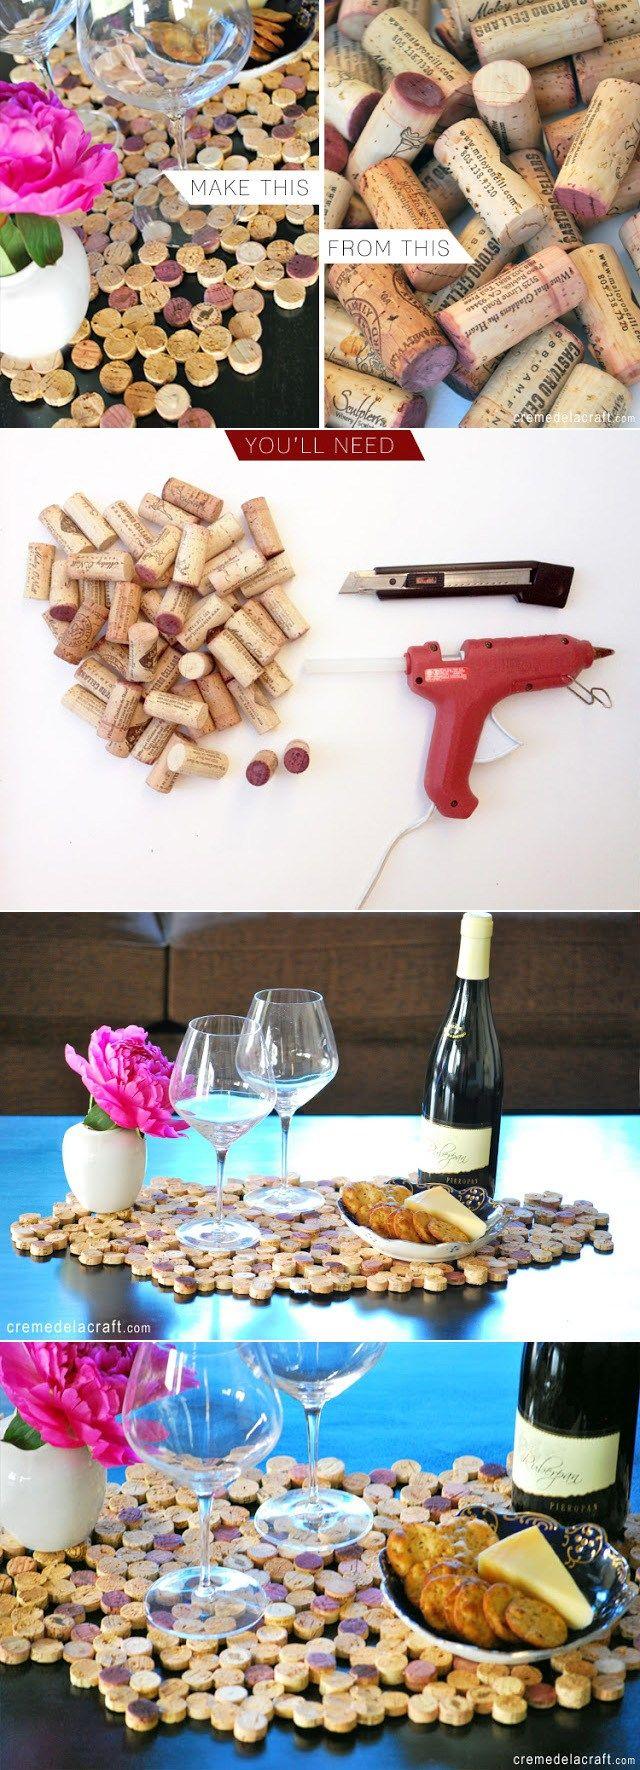 Salvamanteles reciclando corcho - cremedelacraft.com - DIY Cork Placemat